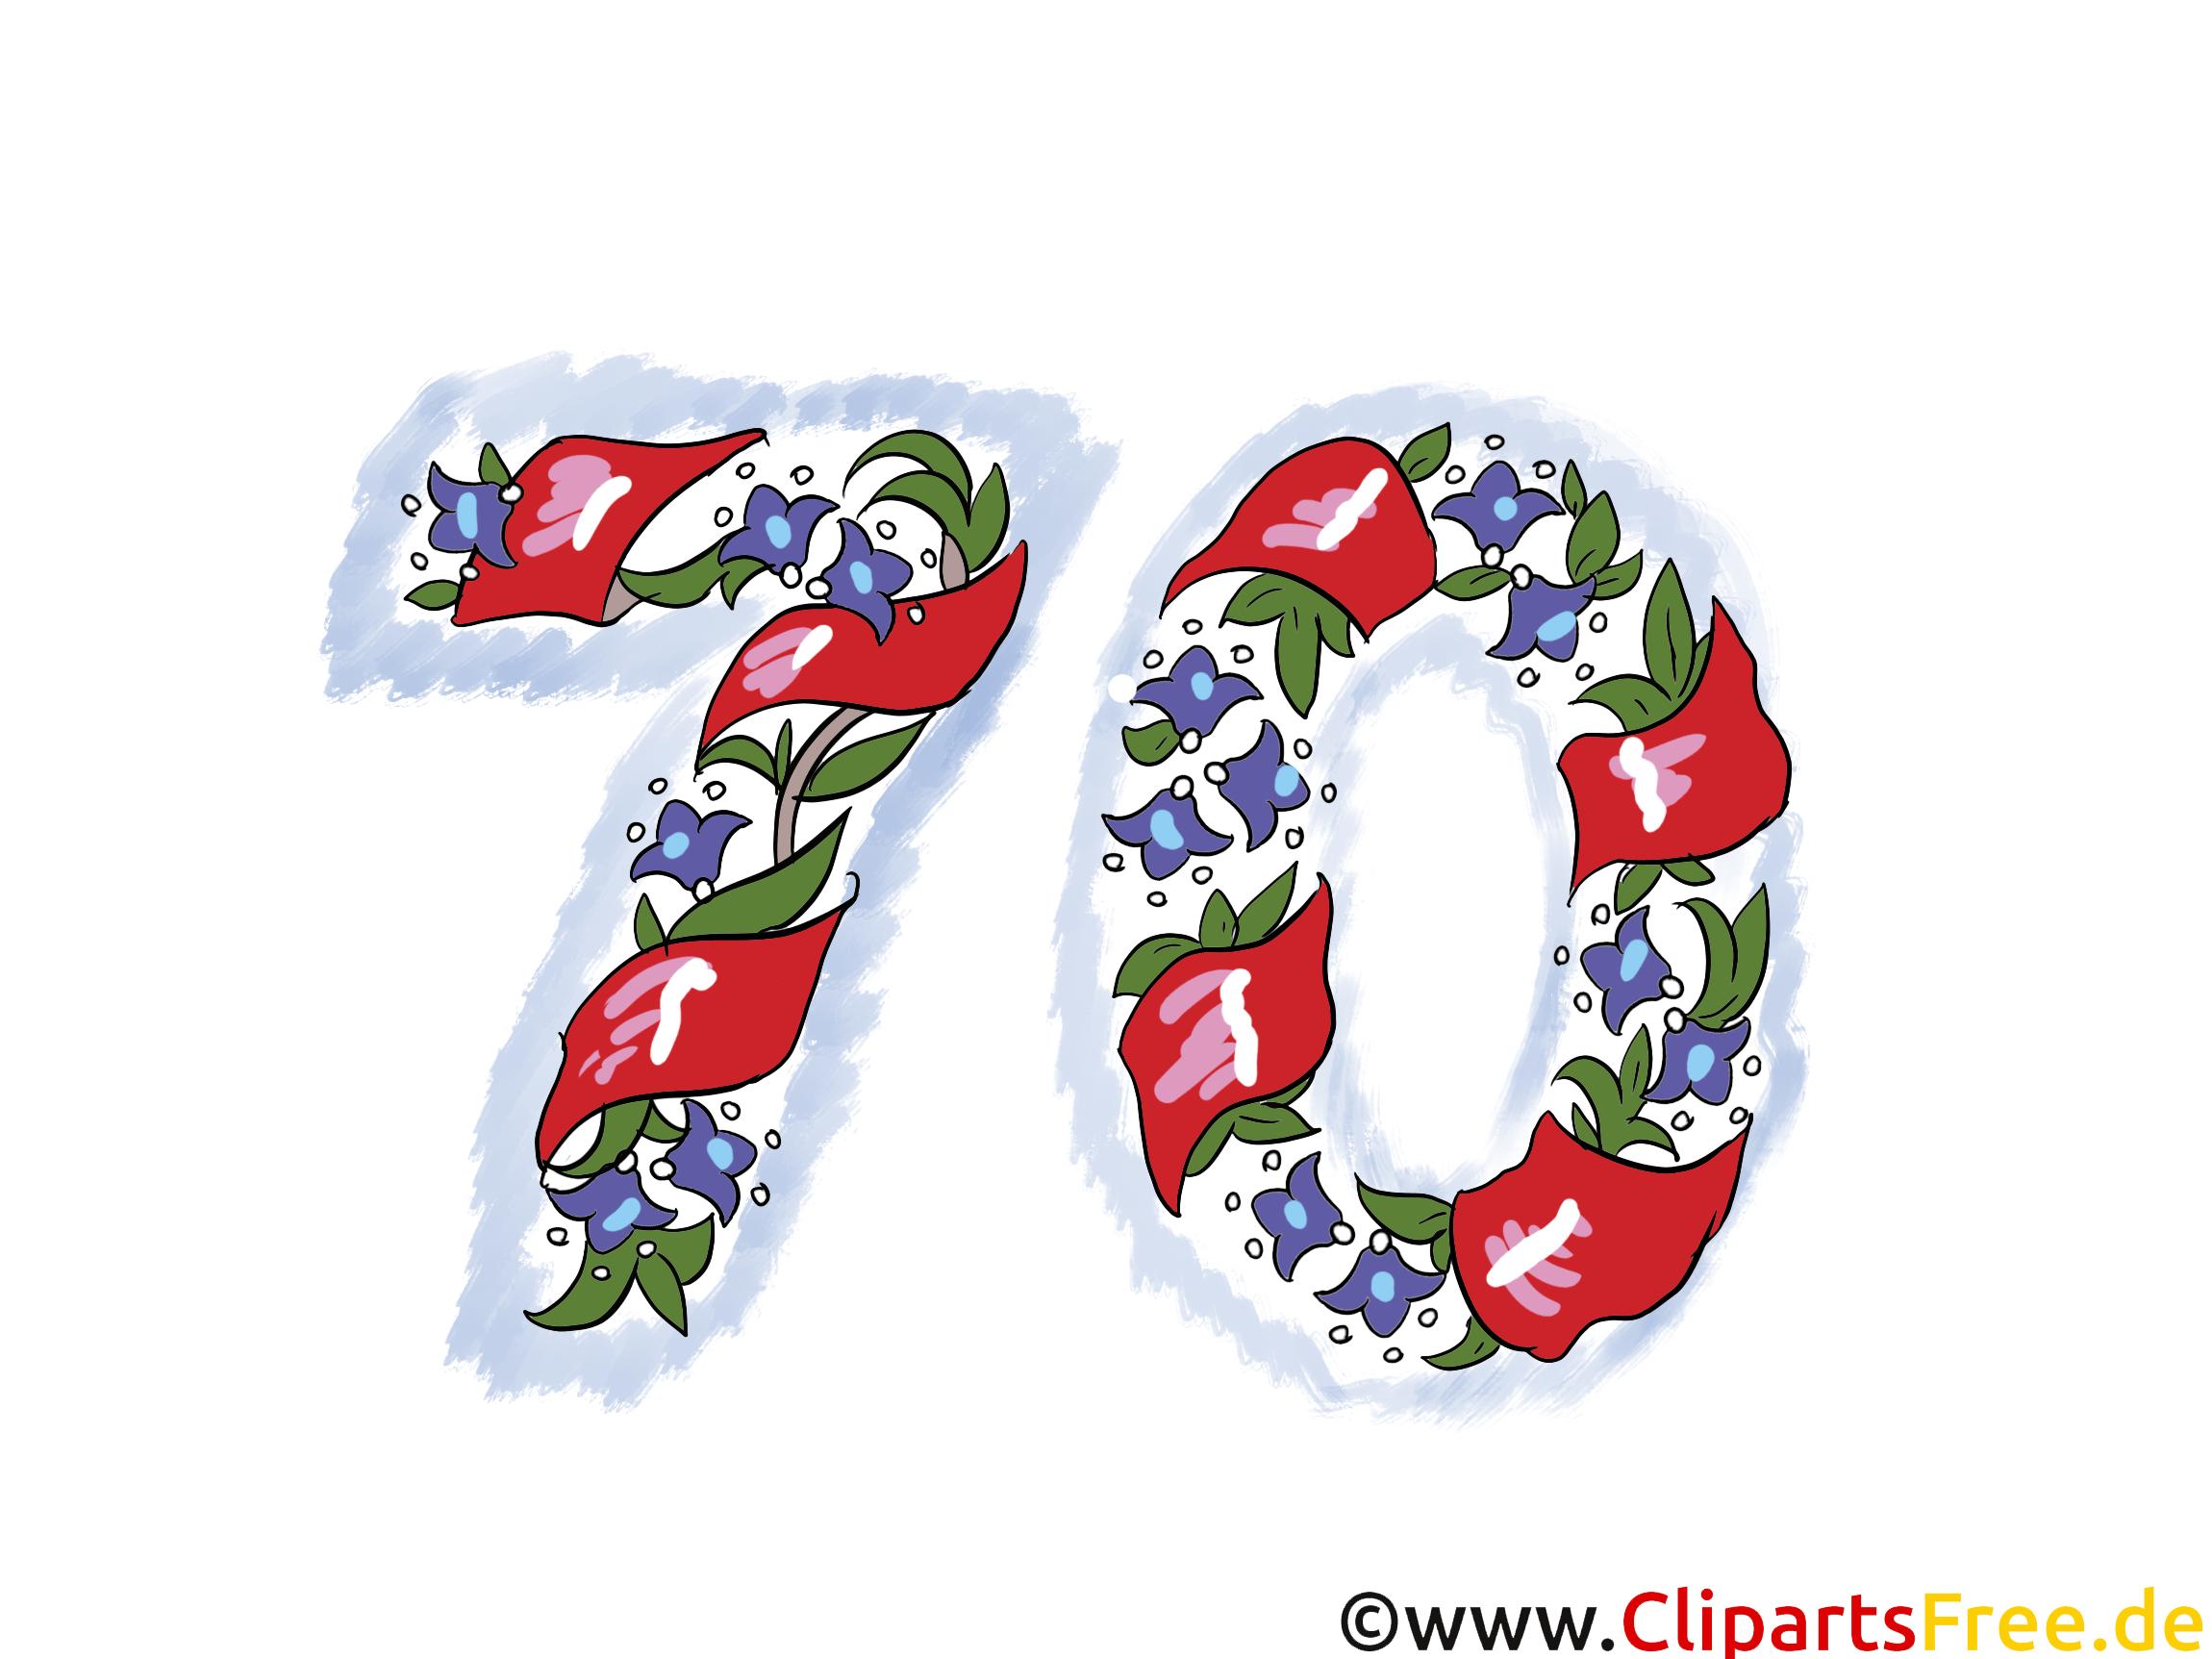 70 ans anniversaire image à télécharger gratuite